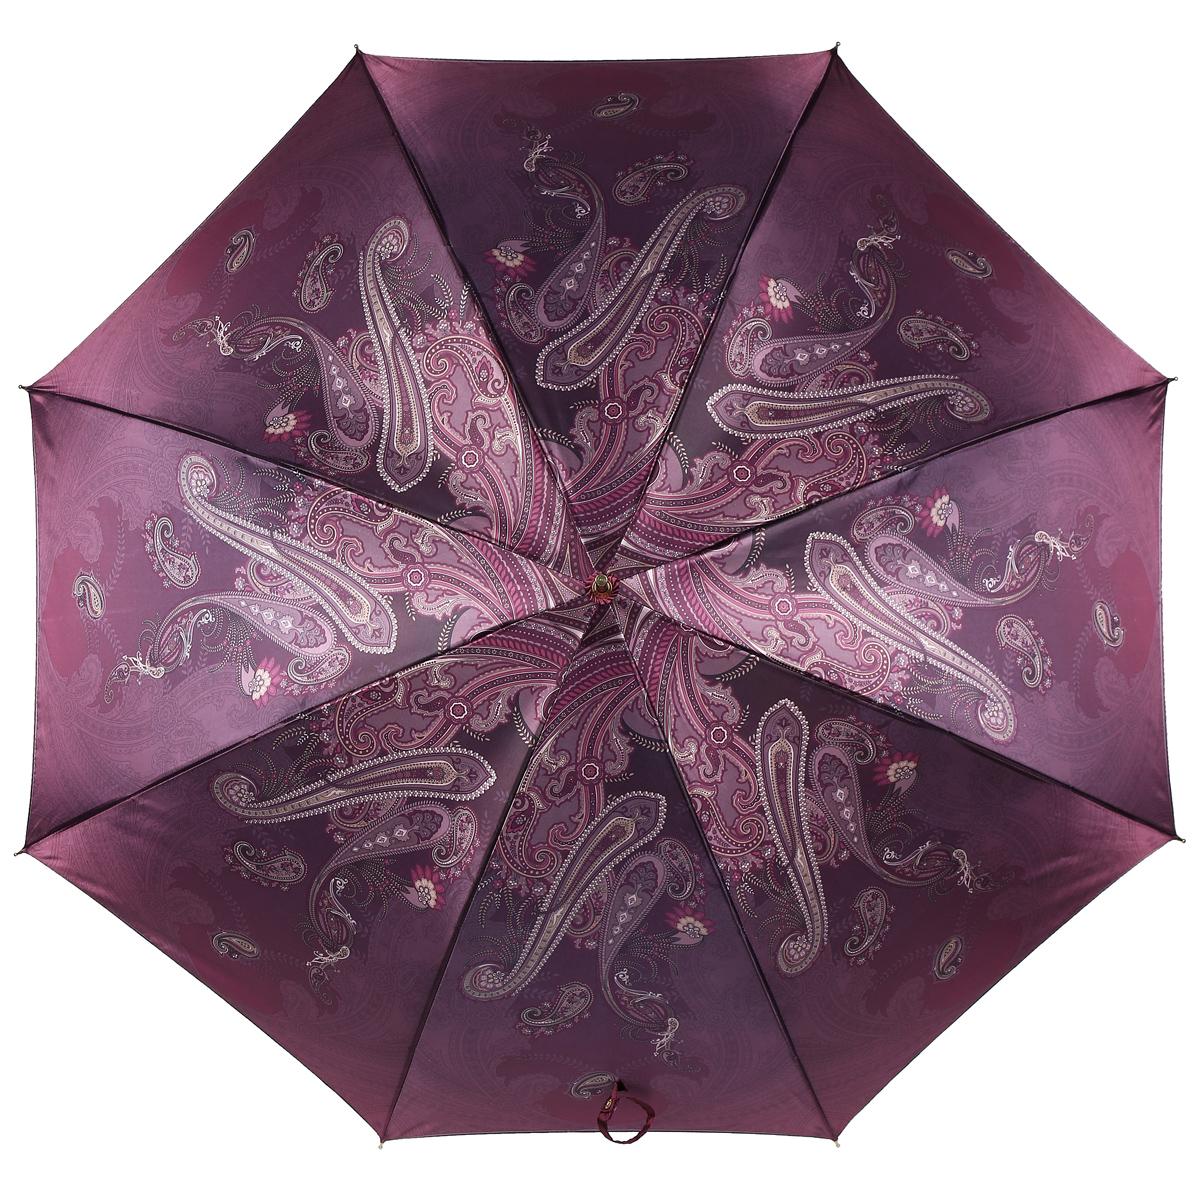 Зонт-трость Fabretti, полуавтомат, женский, цвет: бордовый. 1506Fabretti 1506Полуавтоматический зонт-трость Fabretti, выполненный из качественных материалов, идеально подойдет для девушек и женщин любых возрастов. Каркас зонта изготовлен из восьми металлических спиц, стержня и ручки из прозрачного пластика. Купол зонтика изготовлен из полиэстера, обработанного водоотталкивающей пропиткой, и оформлен изящным орнаментом. Закрытый купол фиксируется хлястиком на кнопке. Зонт оснащен полуавтоматическим механизмом. Купол открывается нажатием кнопки на рукоятке, складывается зонт вручную до характерного щелчка. Женский зонт Fabretti даже в ненастную погоду позволит вам оставаться стильной и элегантной.